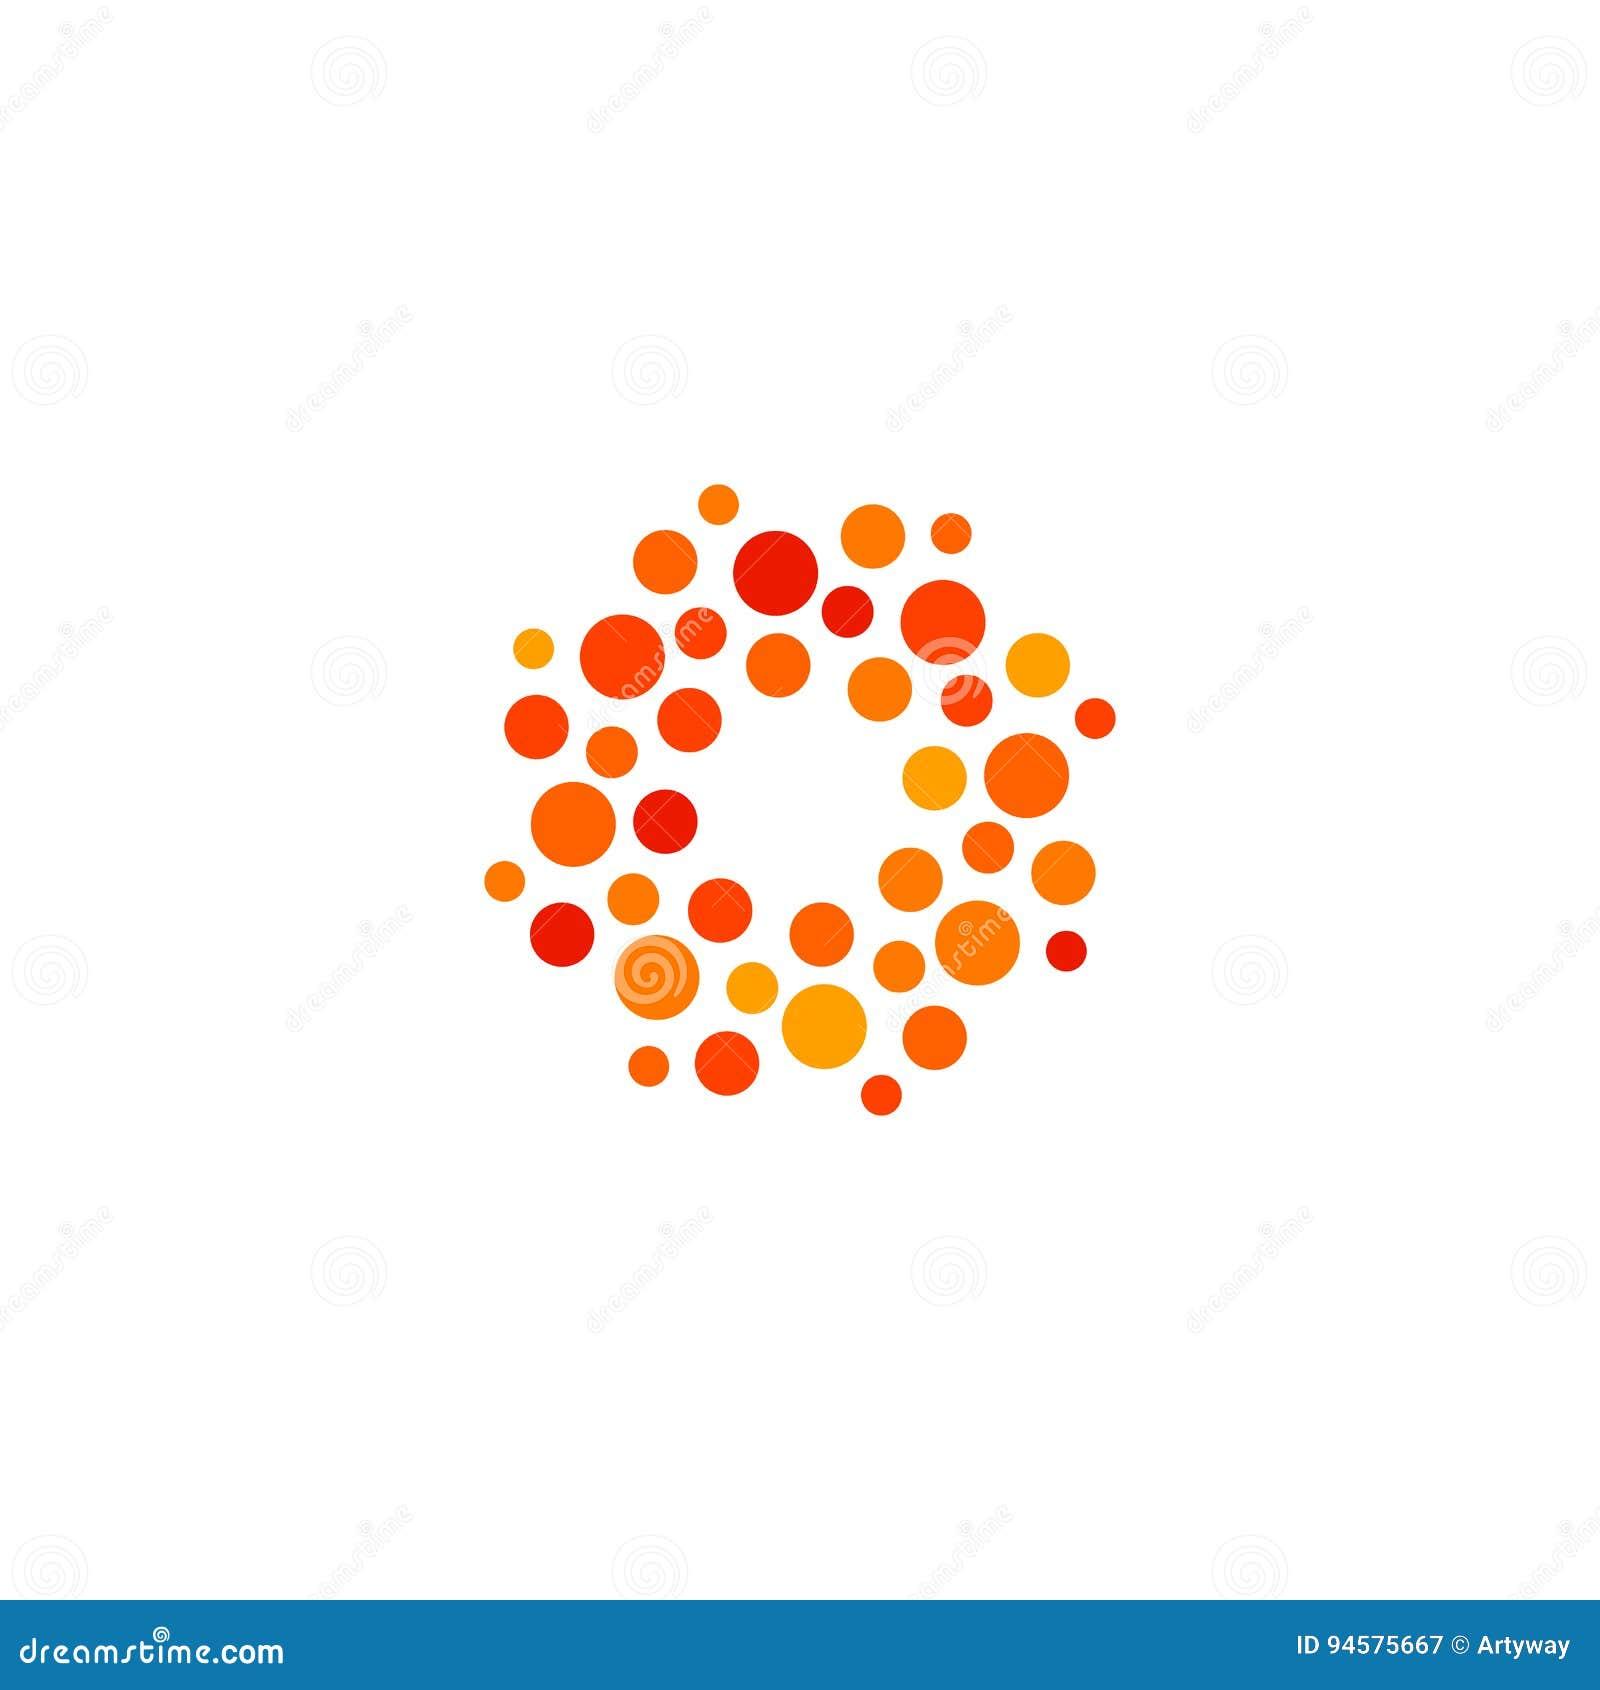 Απομονωμένο αφηρημένο στρογγυλό λογότυπο πορτοκαλιού και κόκκινου χρώματος μορφής, διαστιγμένος τυποποιημένος ήλιος logotype στο